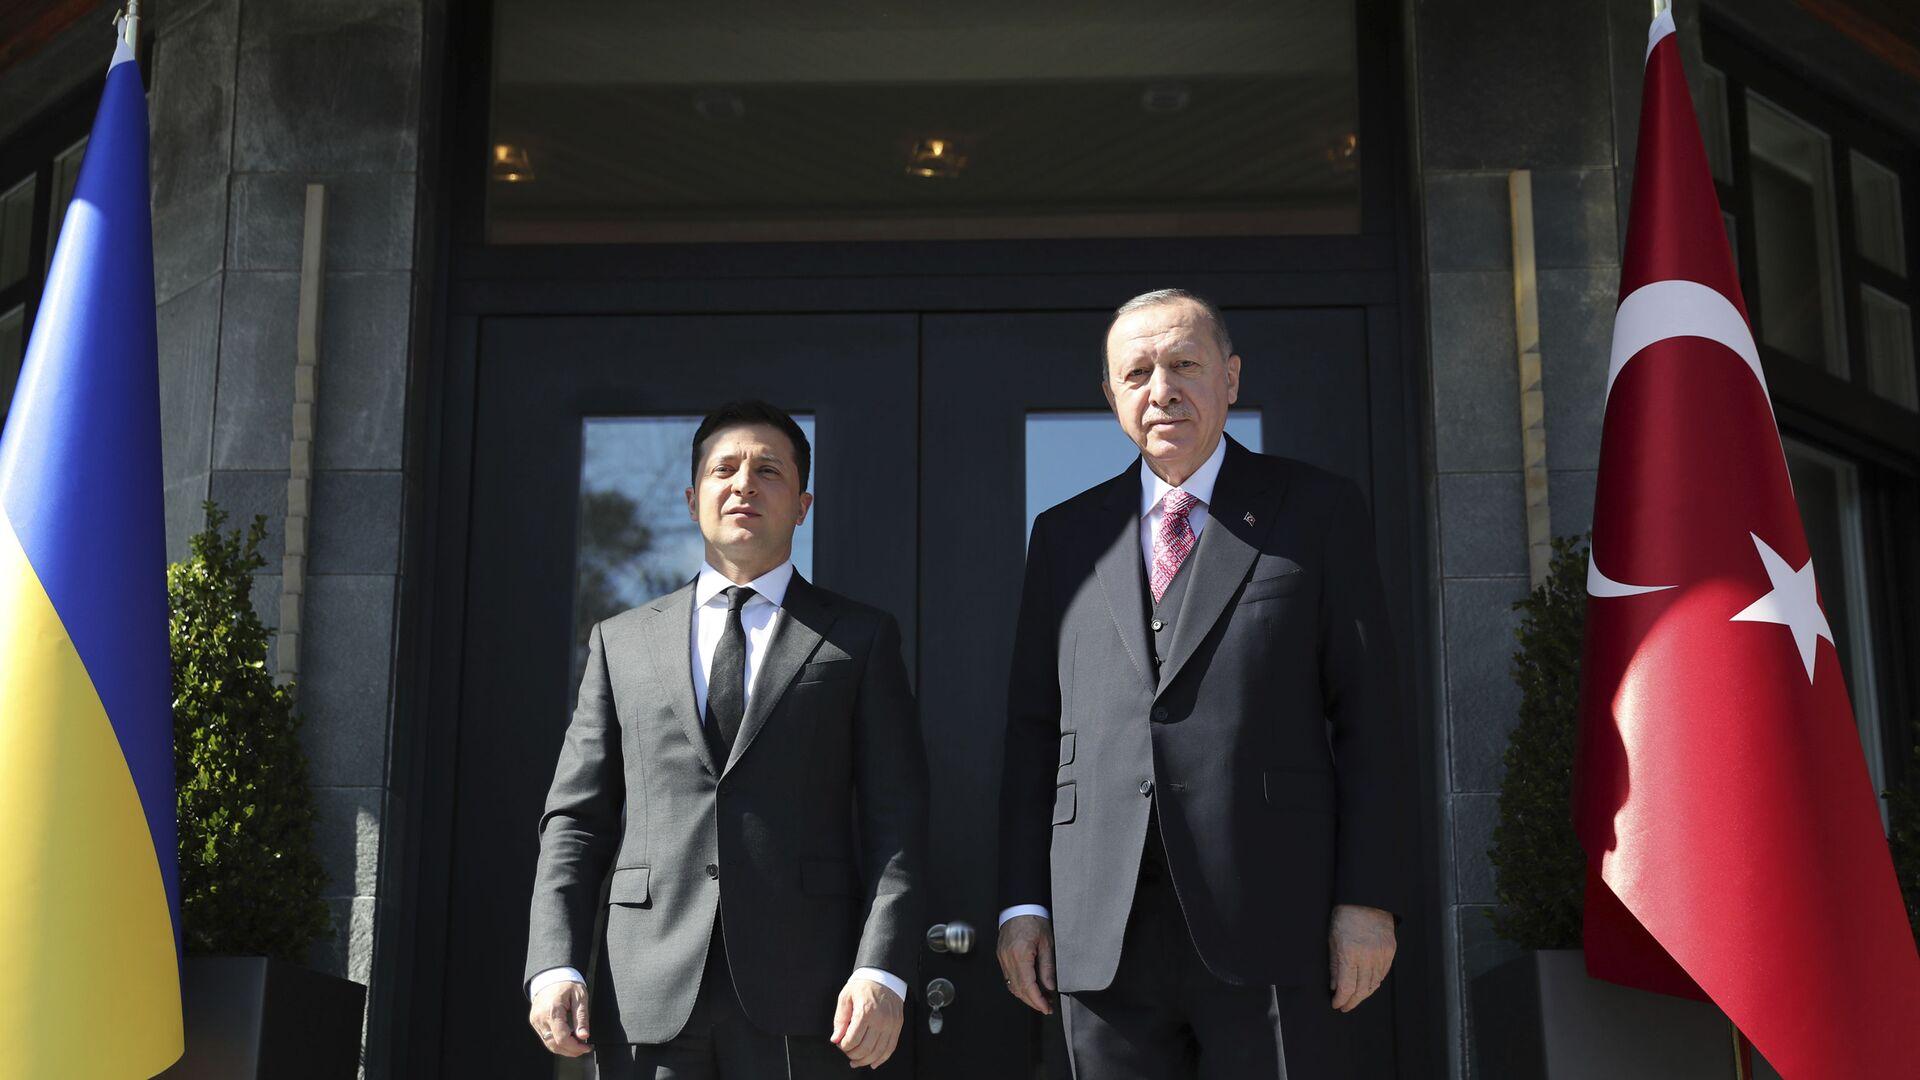 Президент Украины Владимир Зеленский и президент Турции Реджеп Тайип Эрдоган - Sputnik Латвия, 1920, 12.04.2021